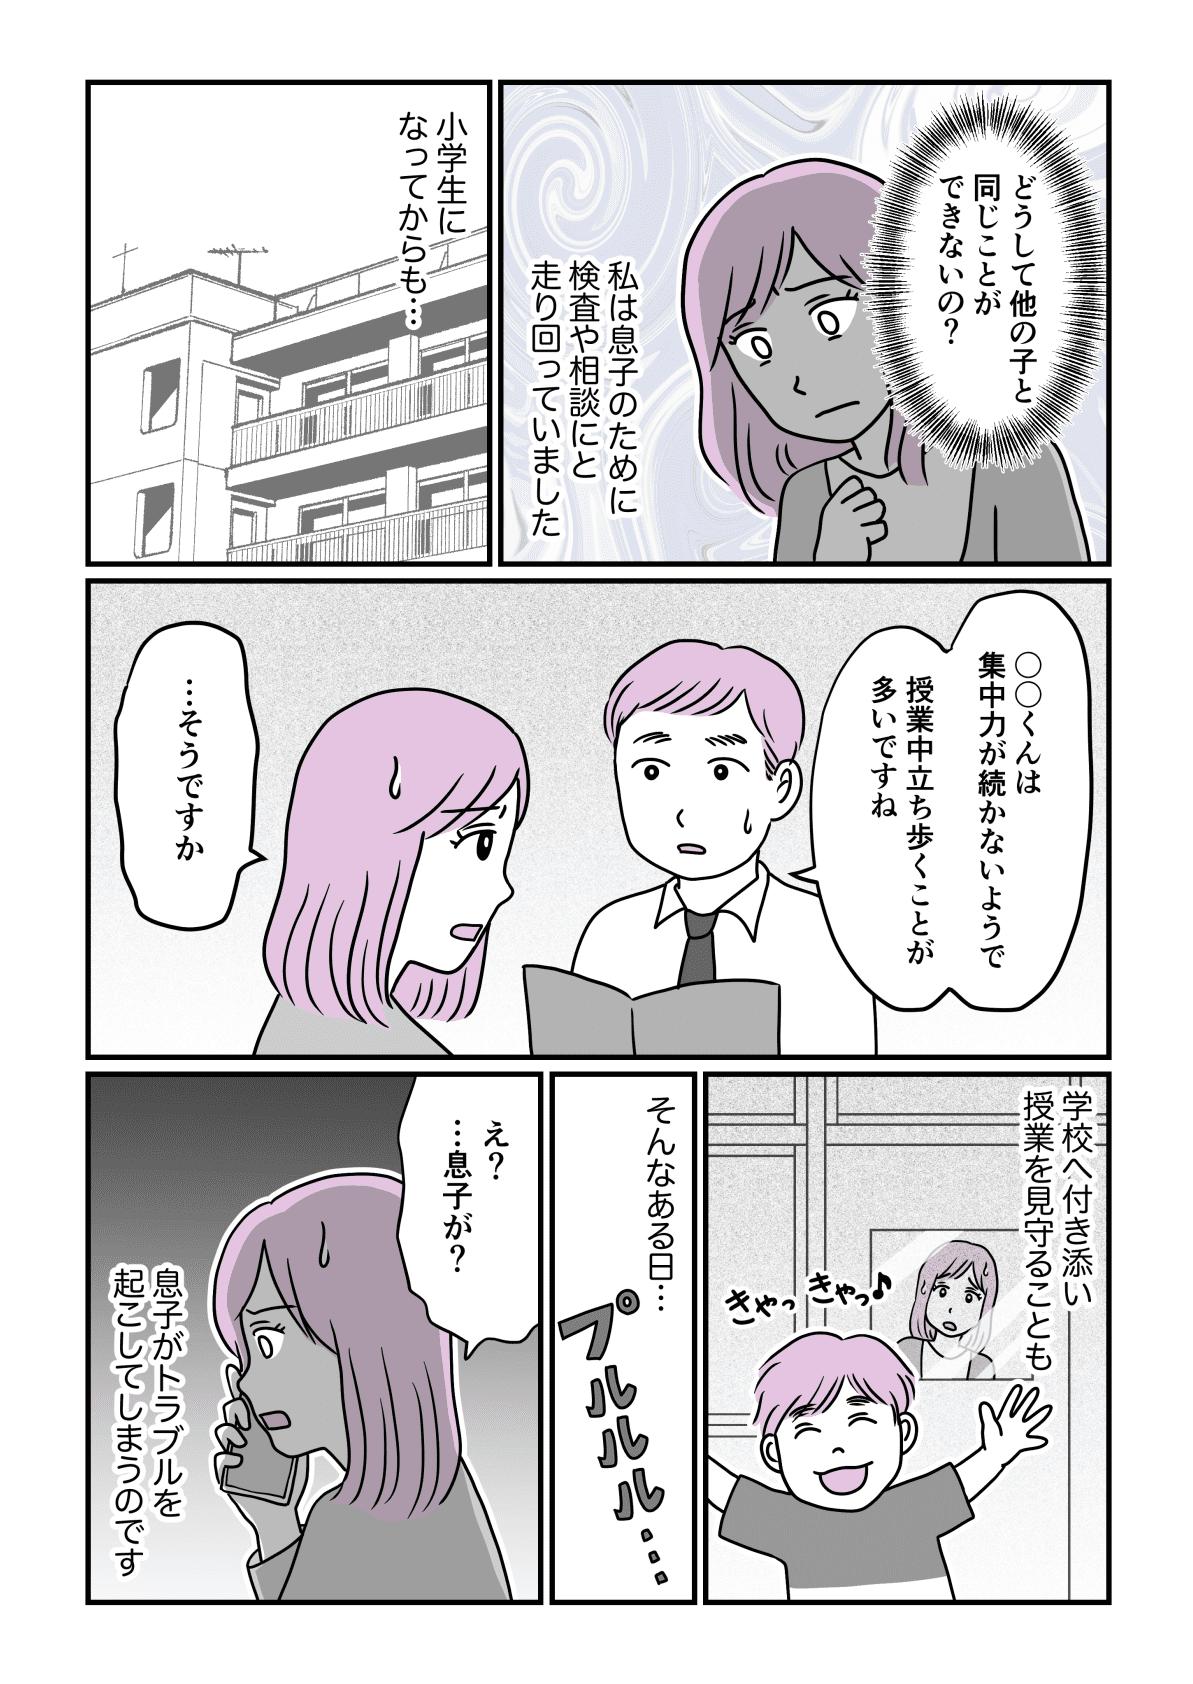 療育息子前編3 (1)